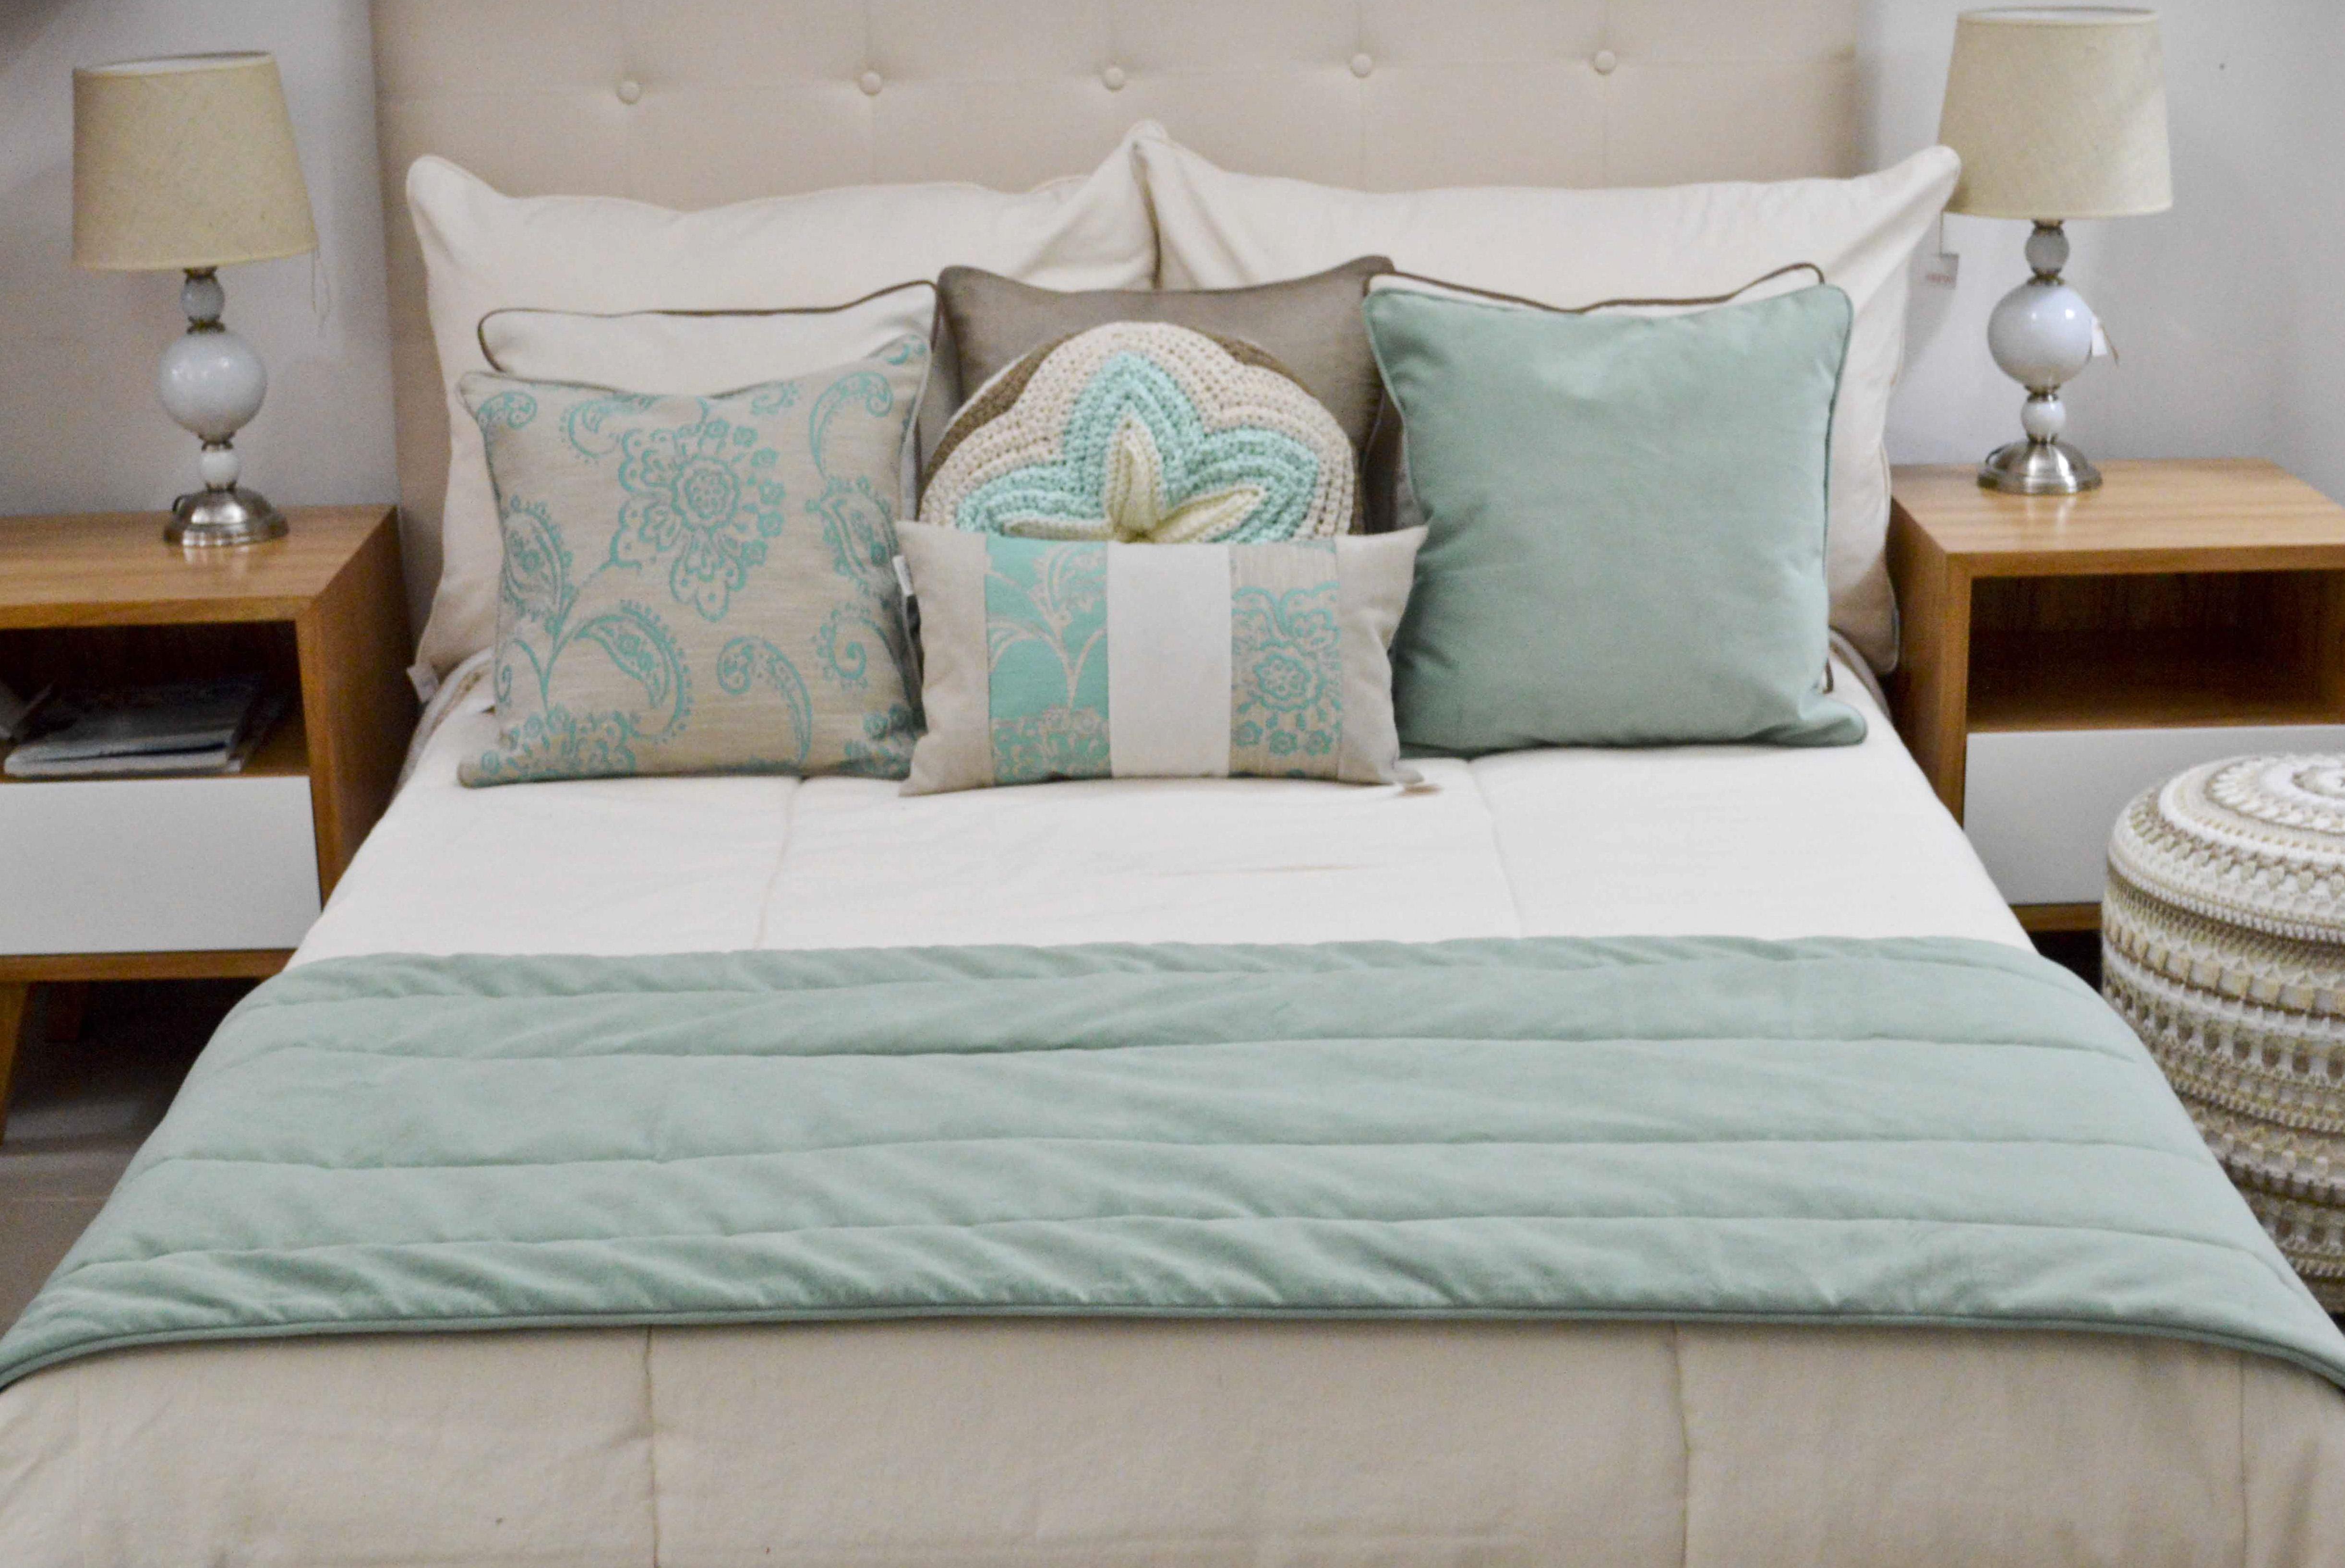 Piecera de cama de pana for Dormitorio verde agua